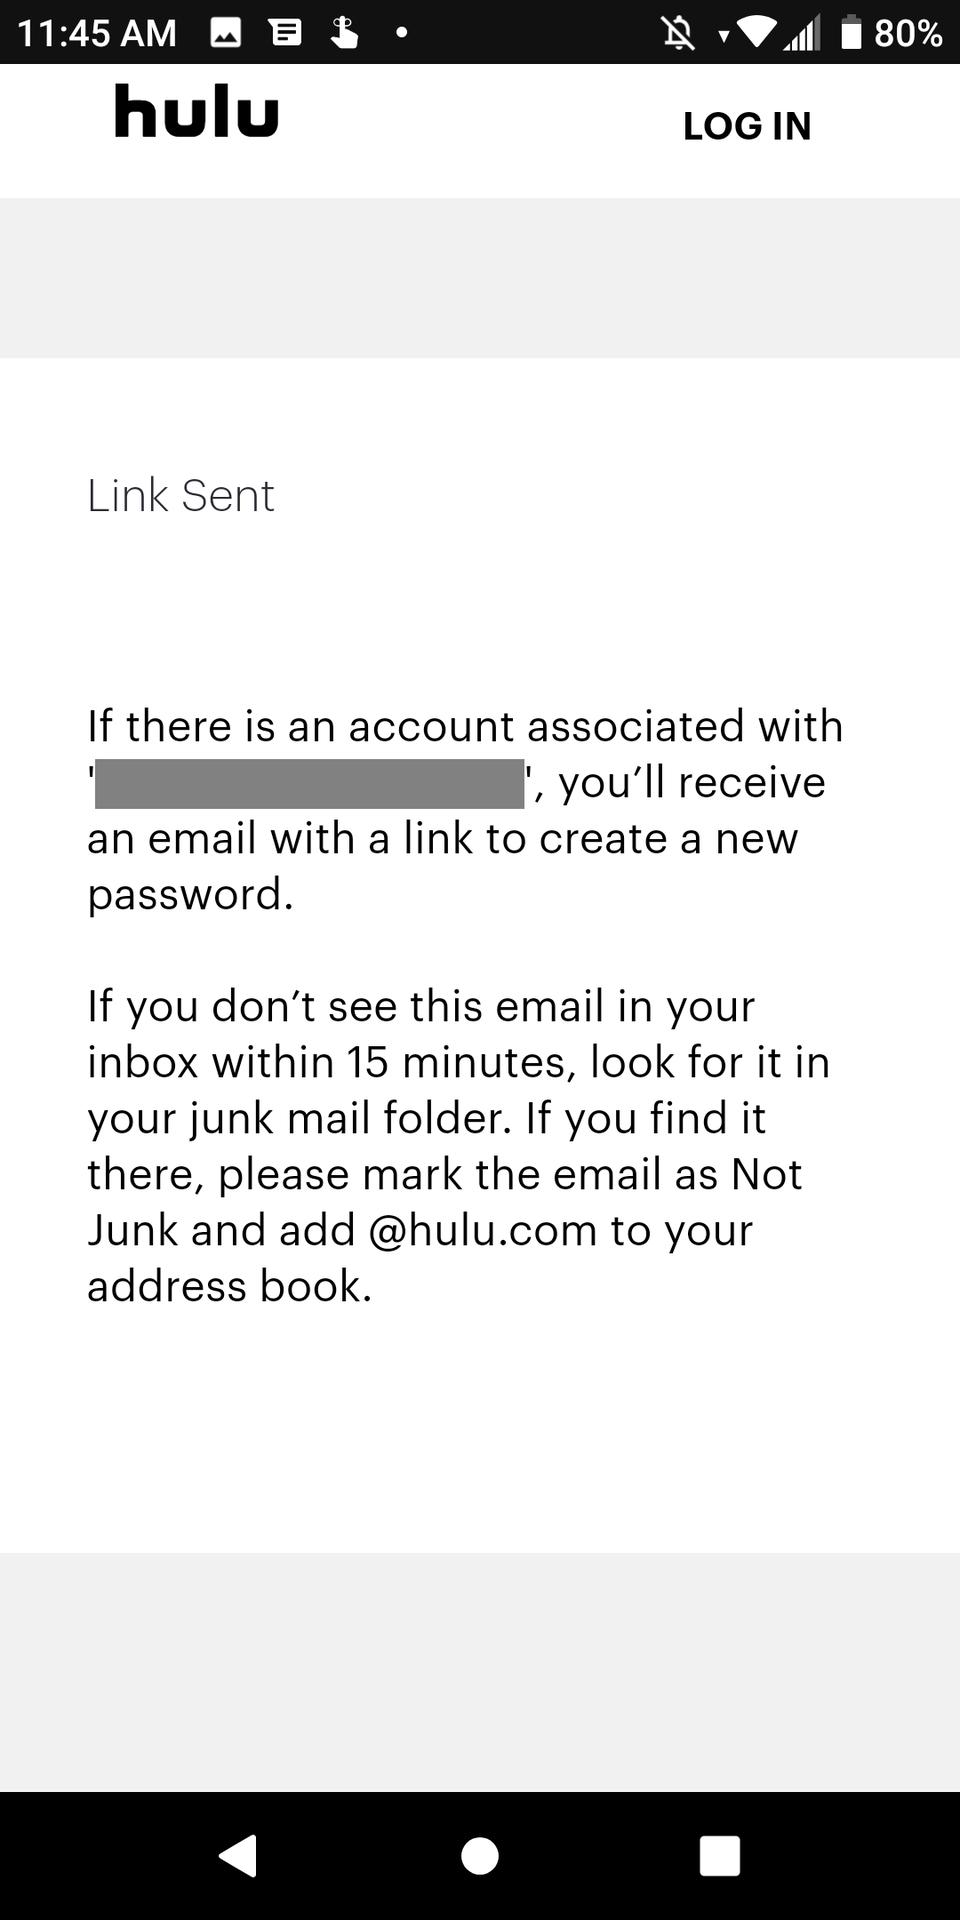 Ссылка на Hulu Android отправлена для смены пароля